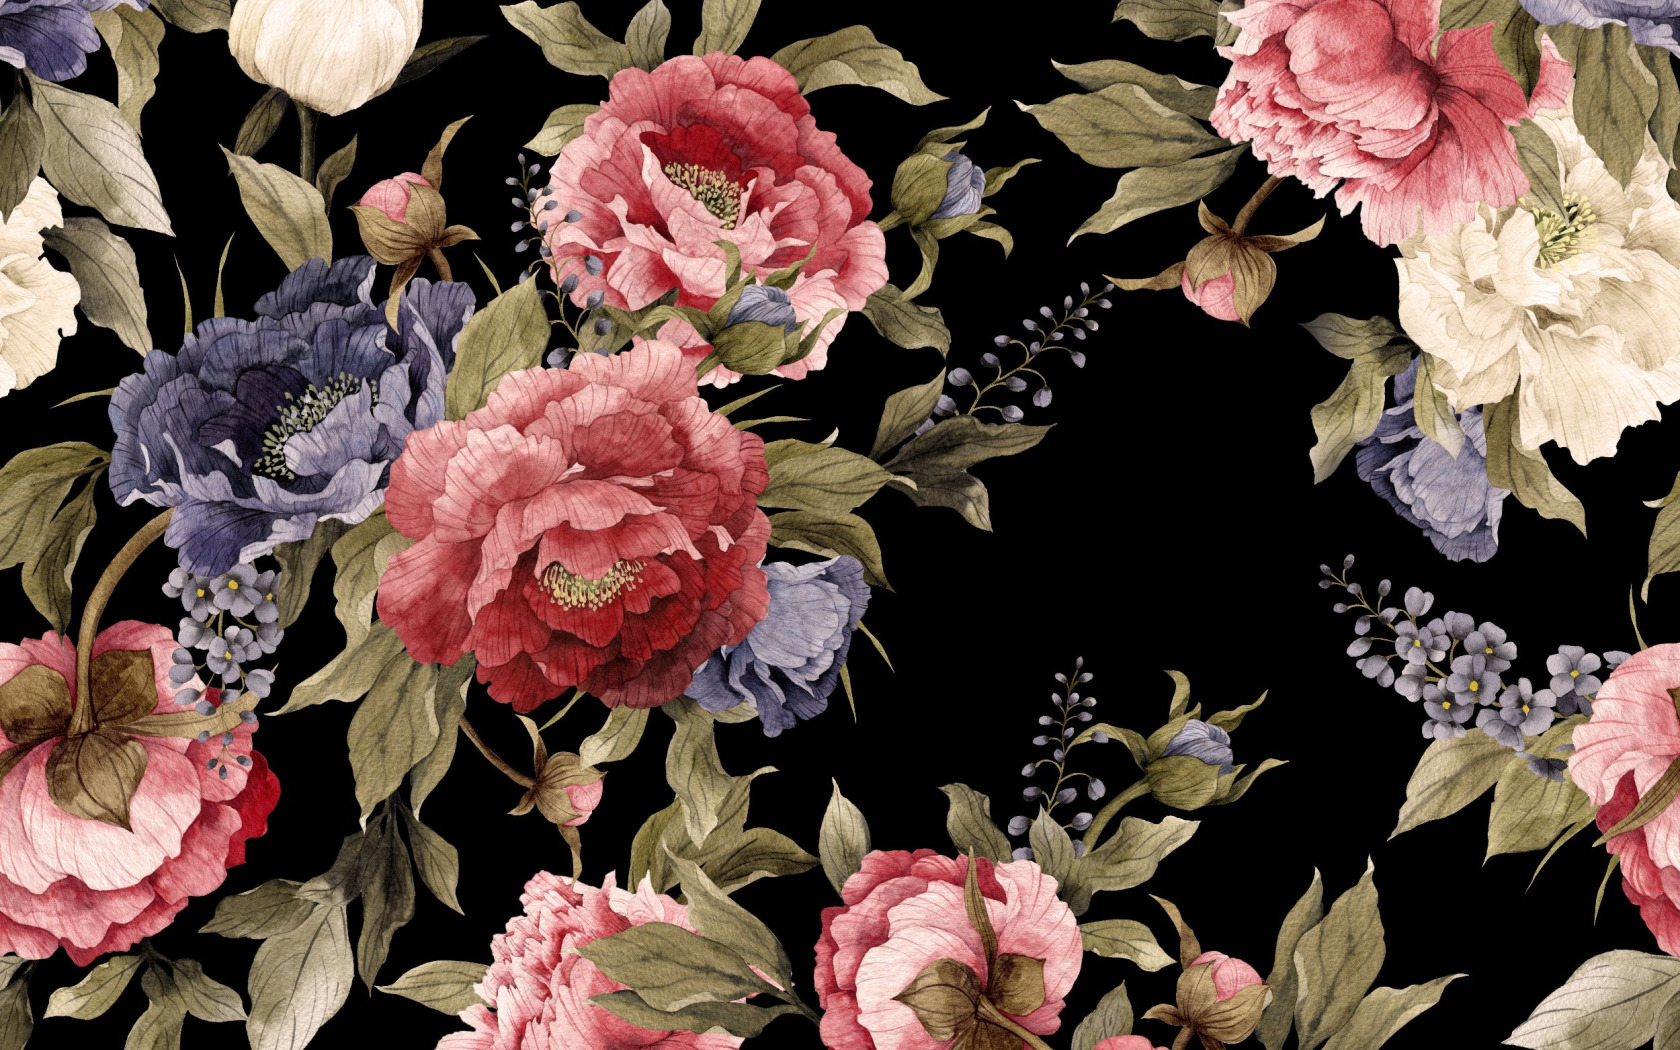 картинки полотно с цветами как раз можно